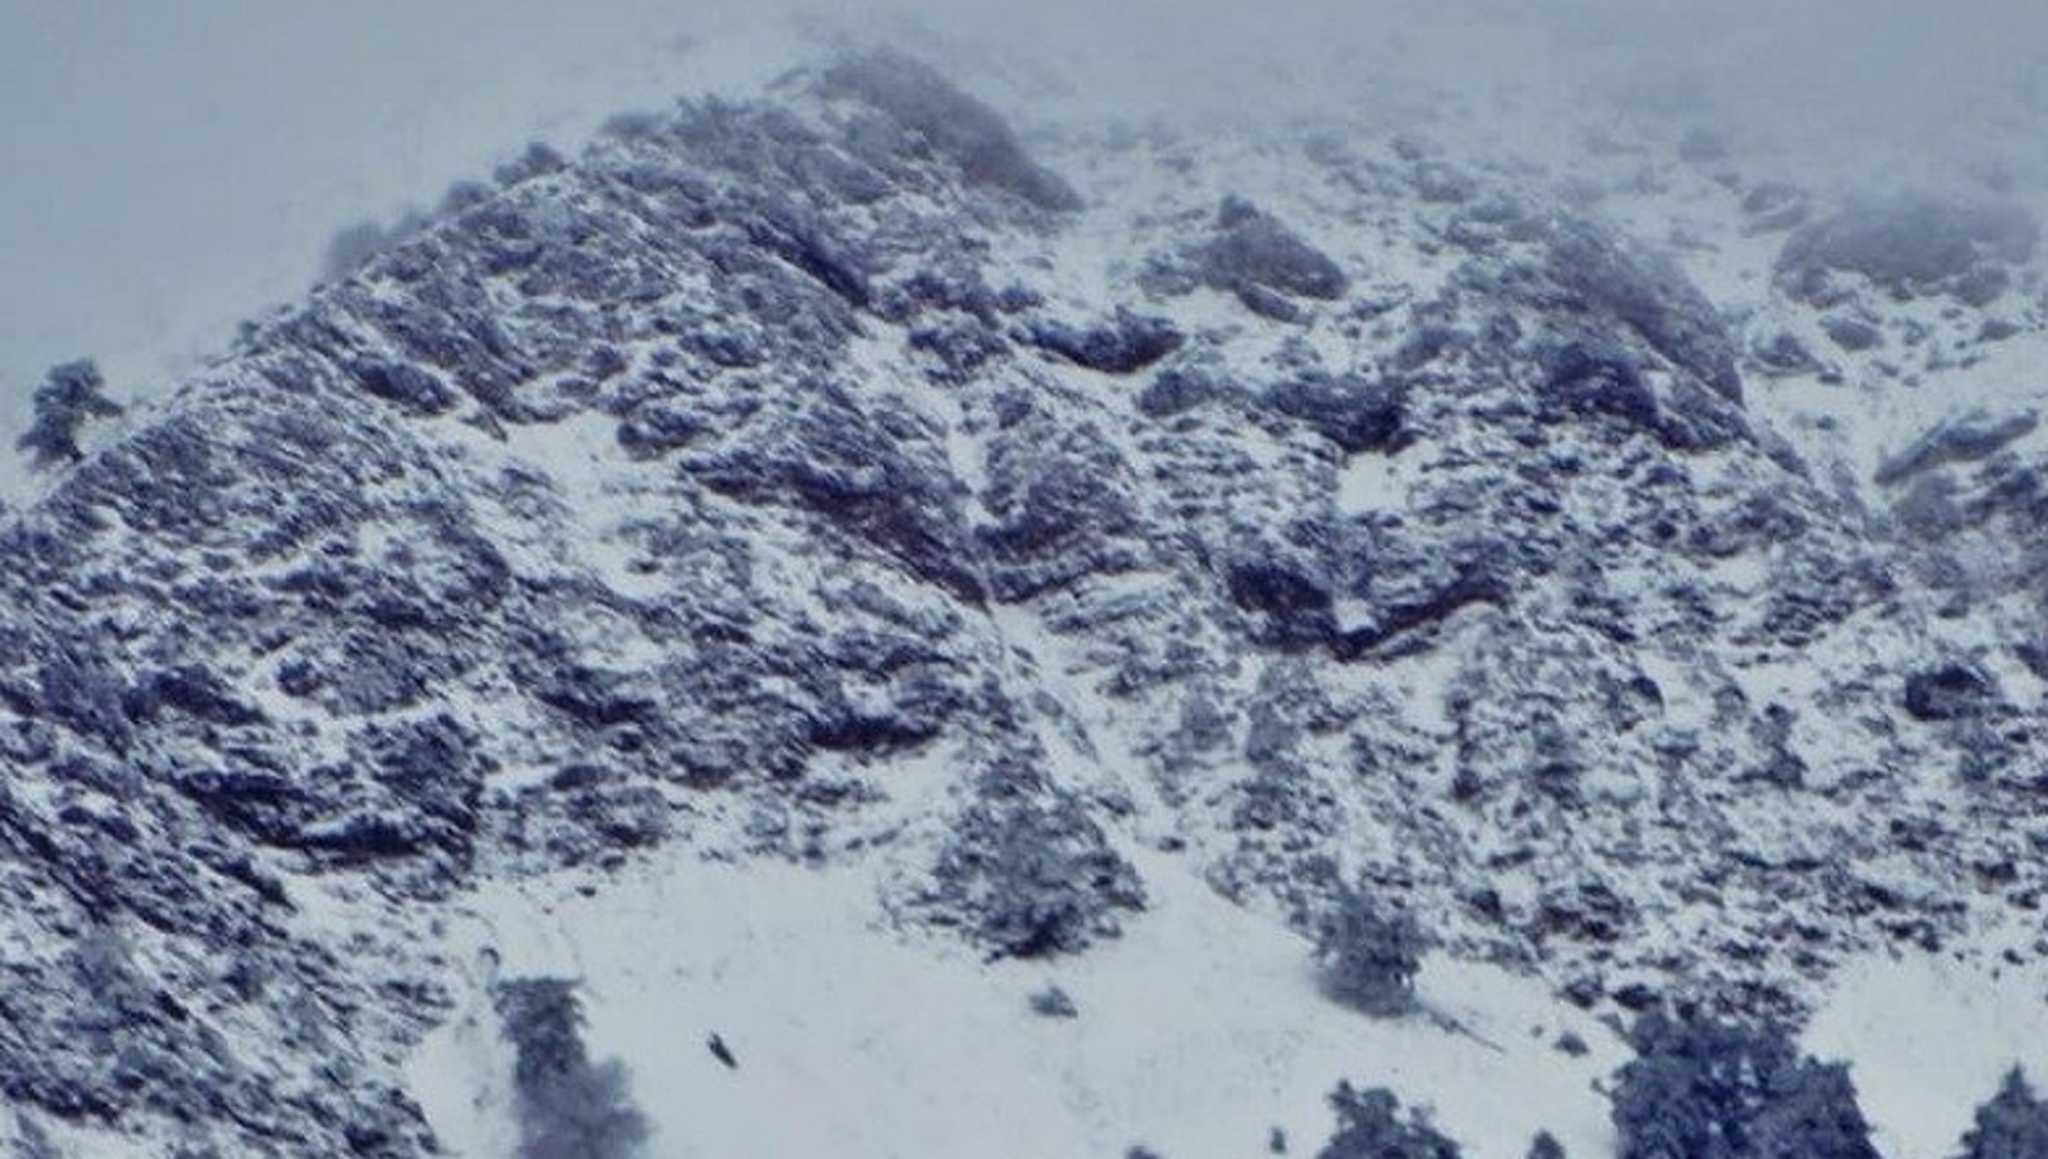 Καιρός: Χιόνια και θερμοκρασίες – έκπληξη σε περιοχές της Μακεδονίας, της Ηπείρου και της Θεσσαλίας